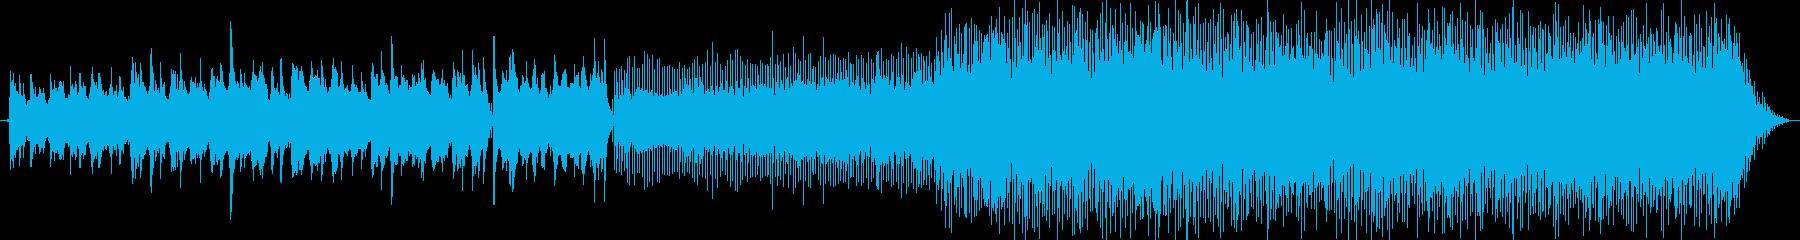 タイトル通りです。秋をイメージした曲で…の再生済みの波形